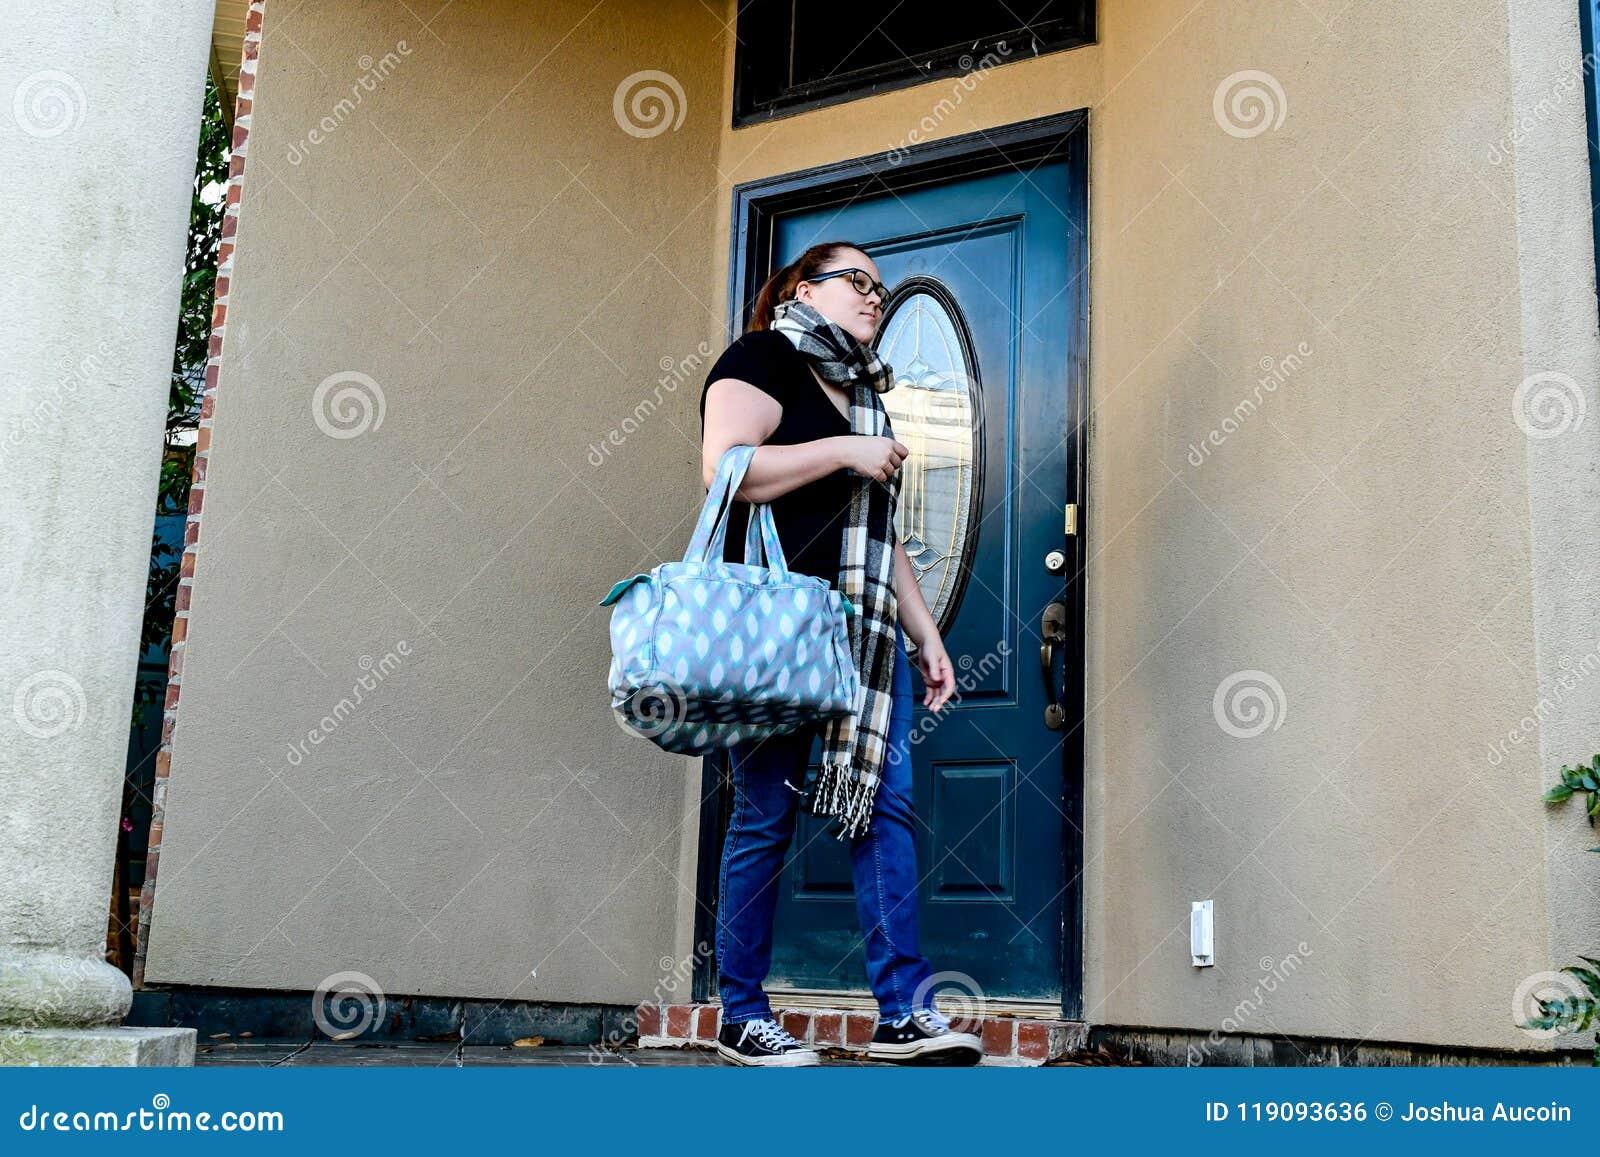 Uma mulher trava sua porta da rua enquanto sae em casa com um saco de duffel sobre um braço